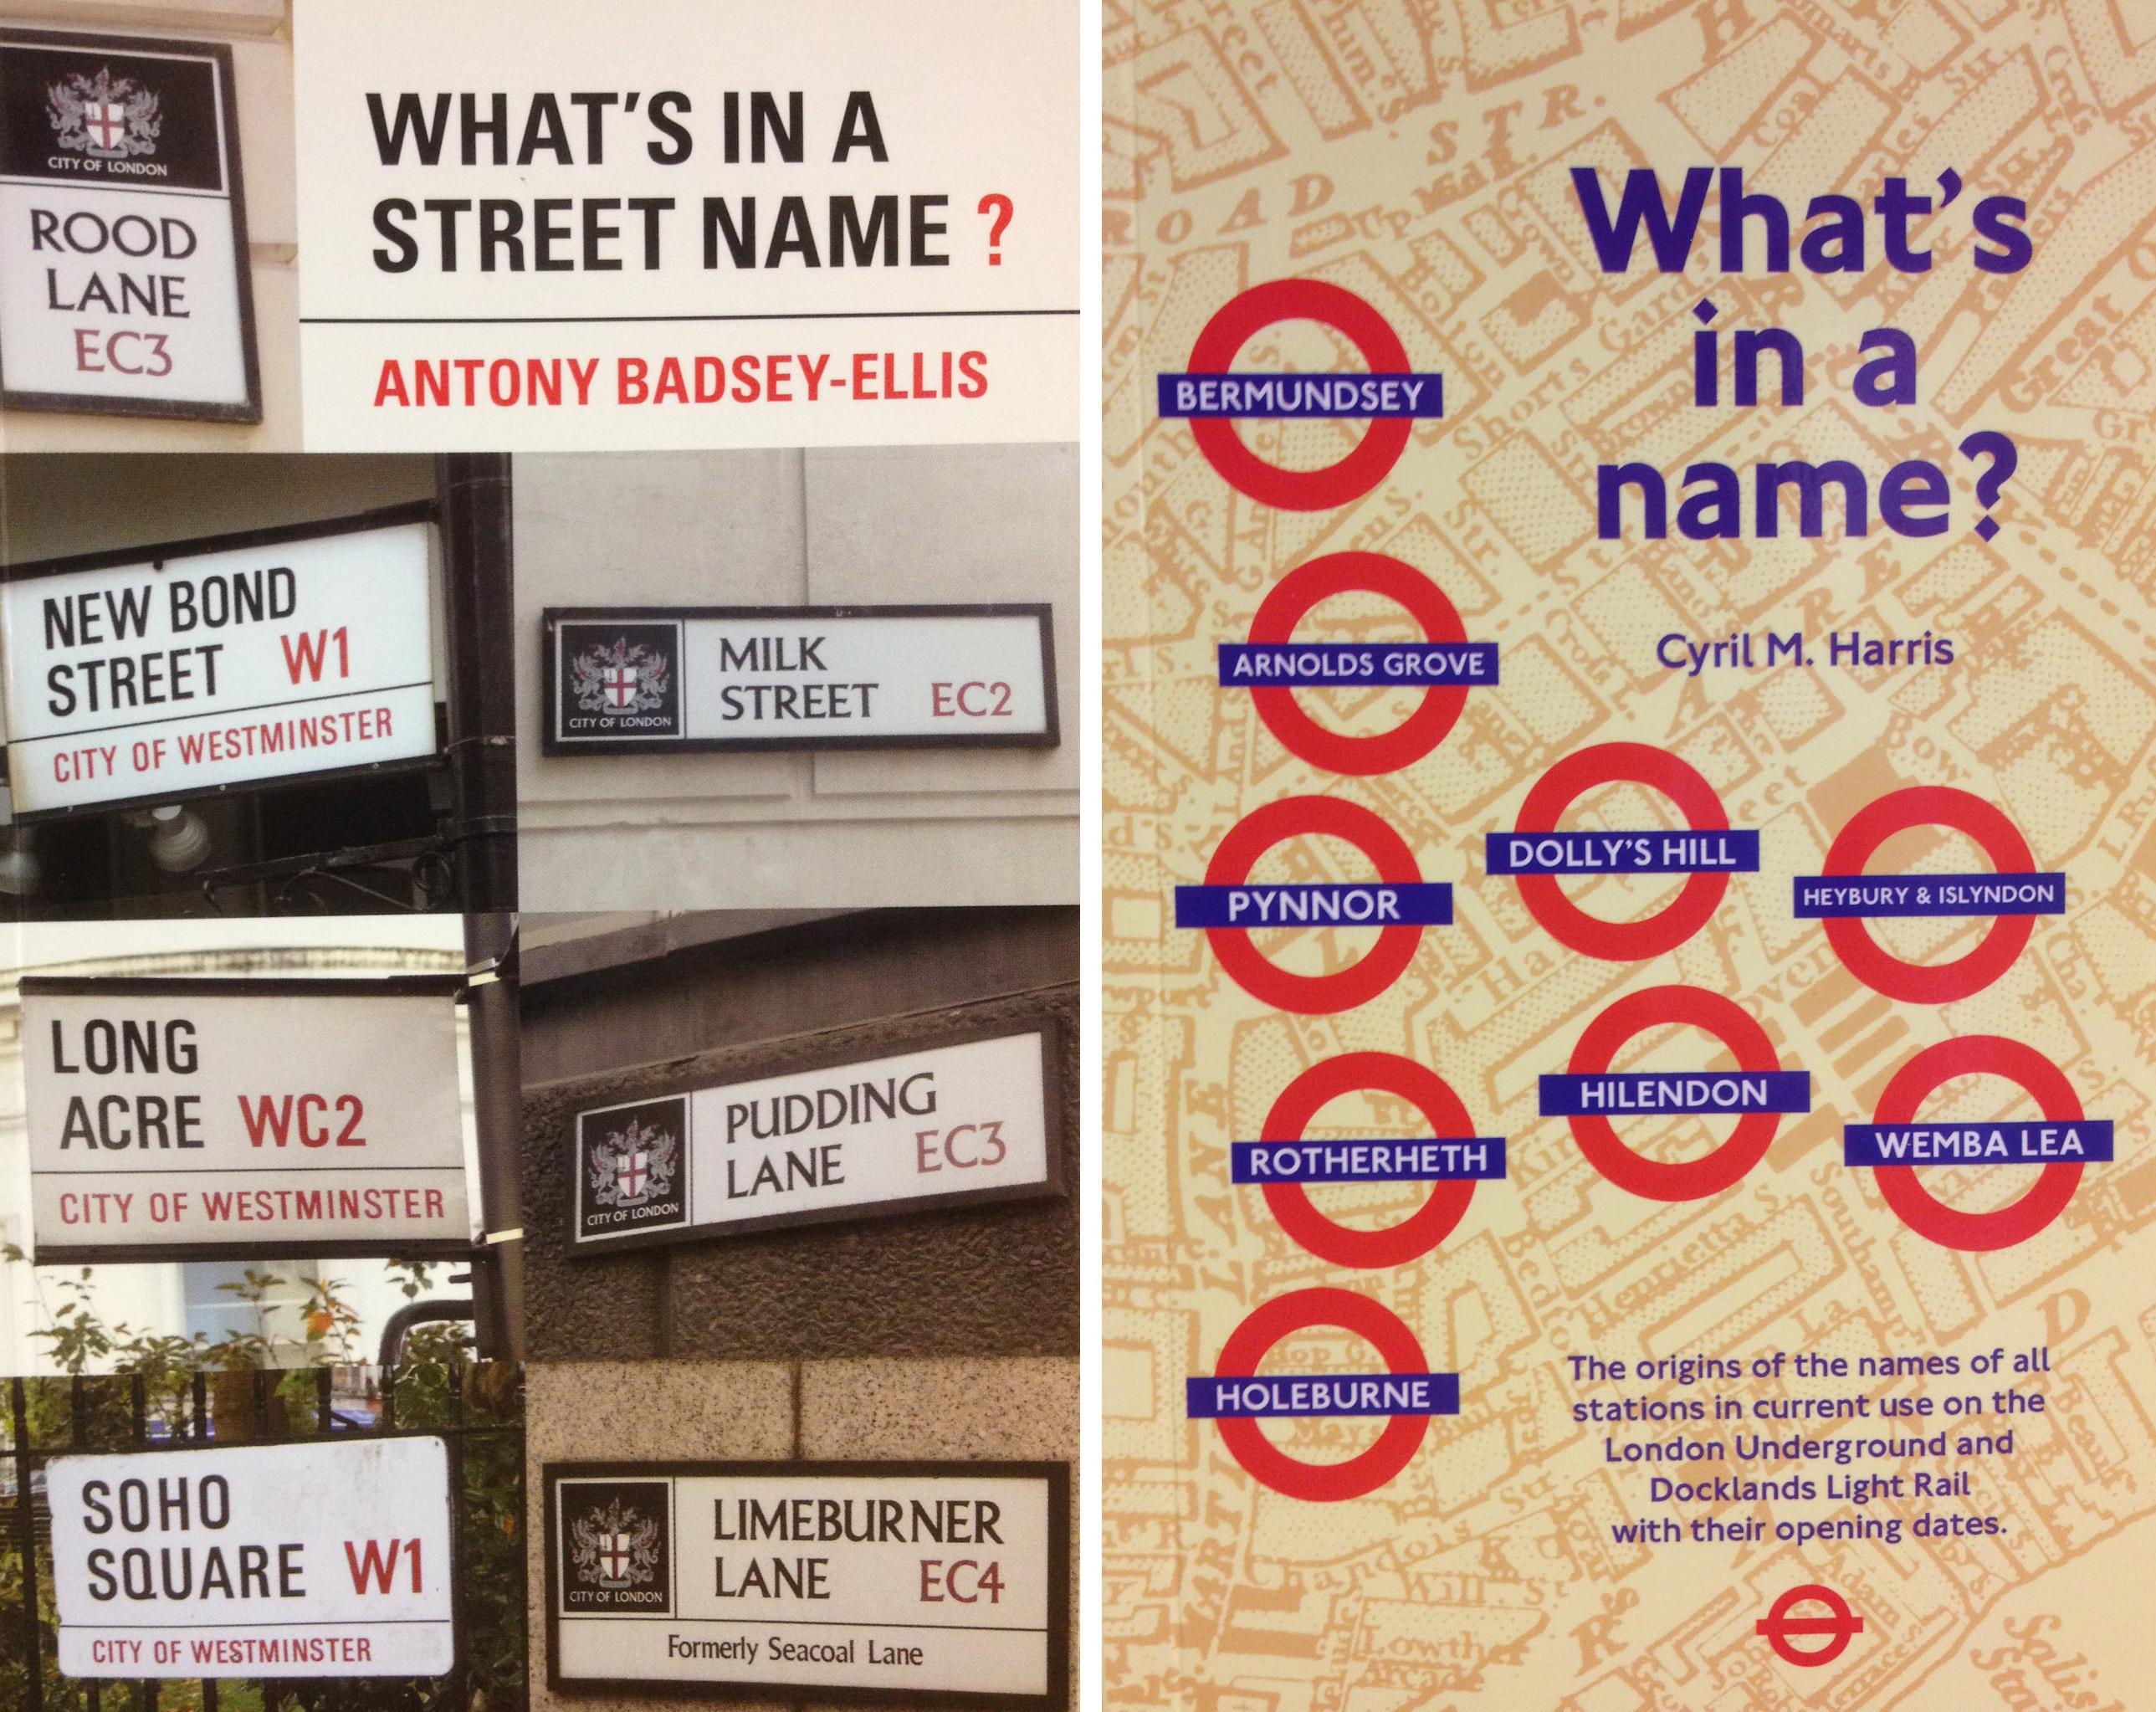 [시각연재 2] 거리와 지하철역 이름이 도시의 역사가 되다